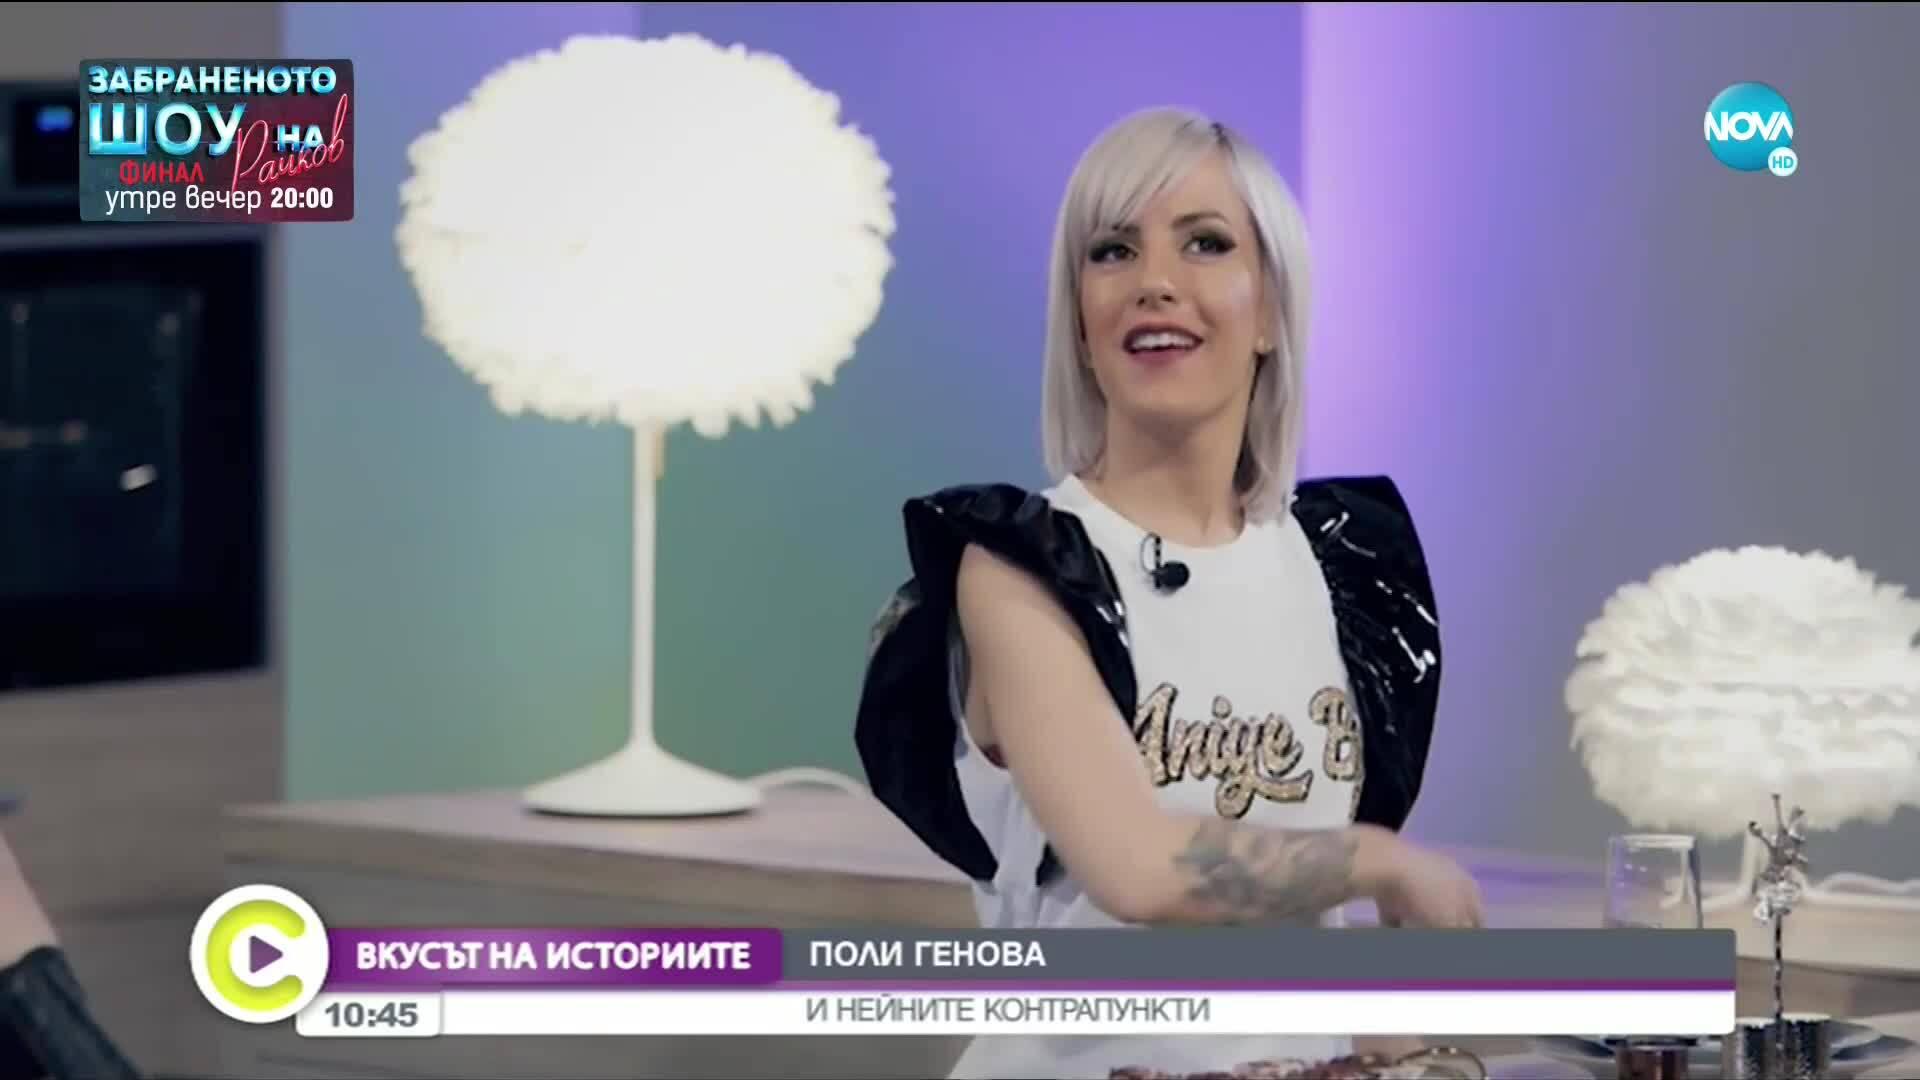 """""""Вкусът на историите"""": Поли Генова и нейните контрапункти"""